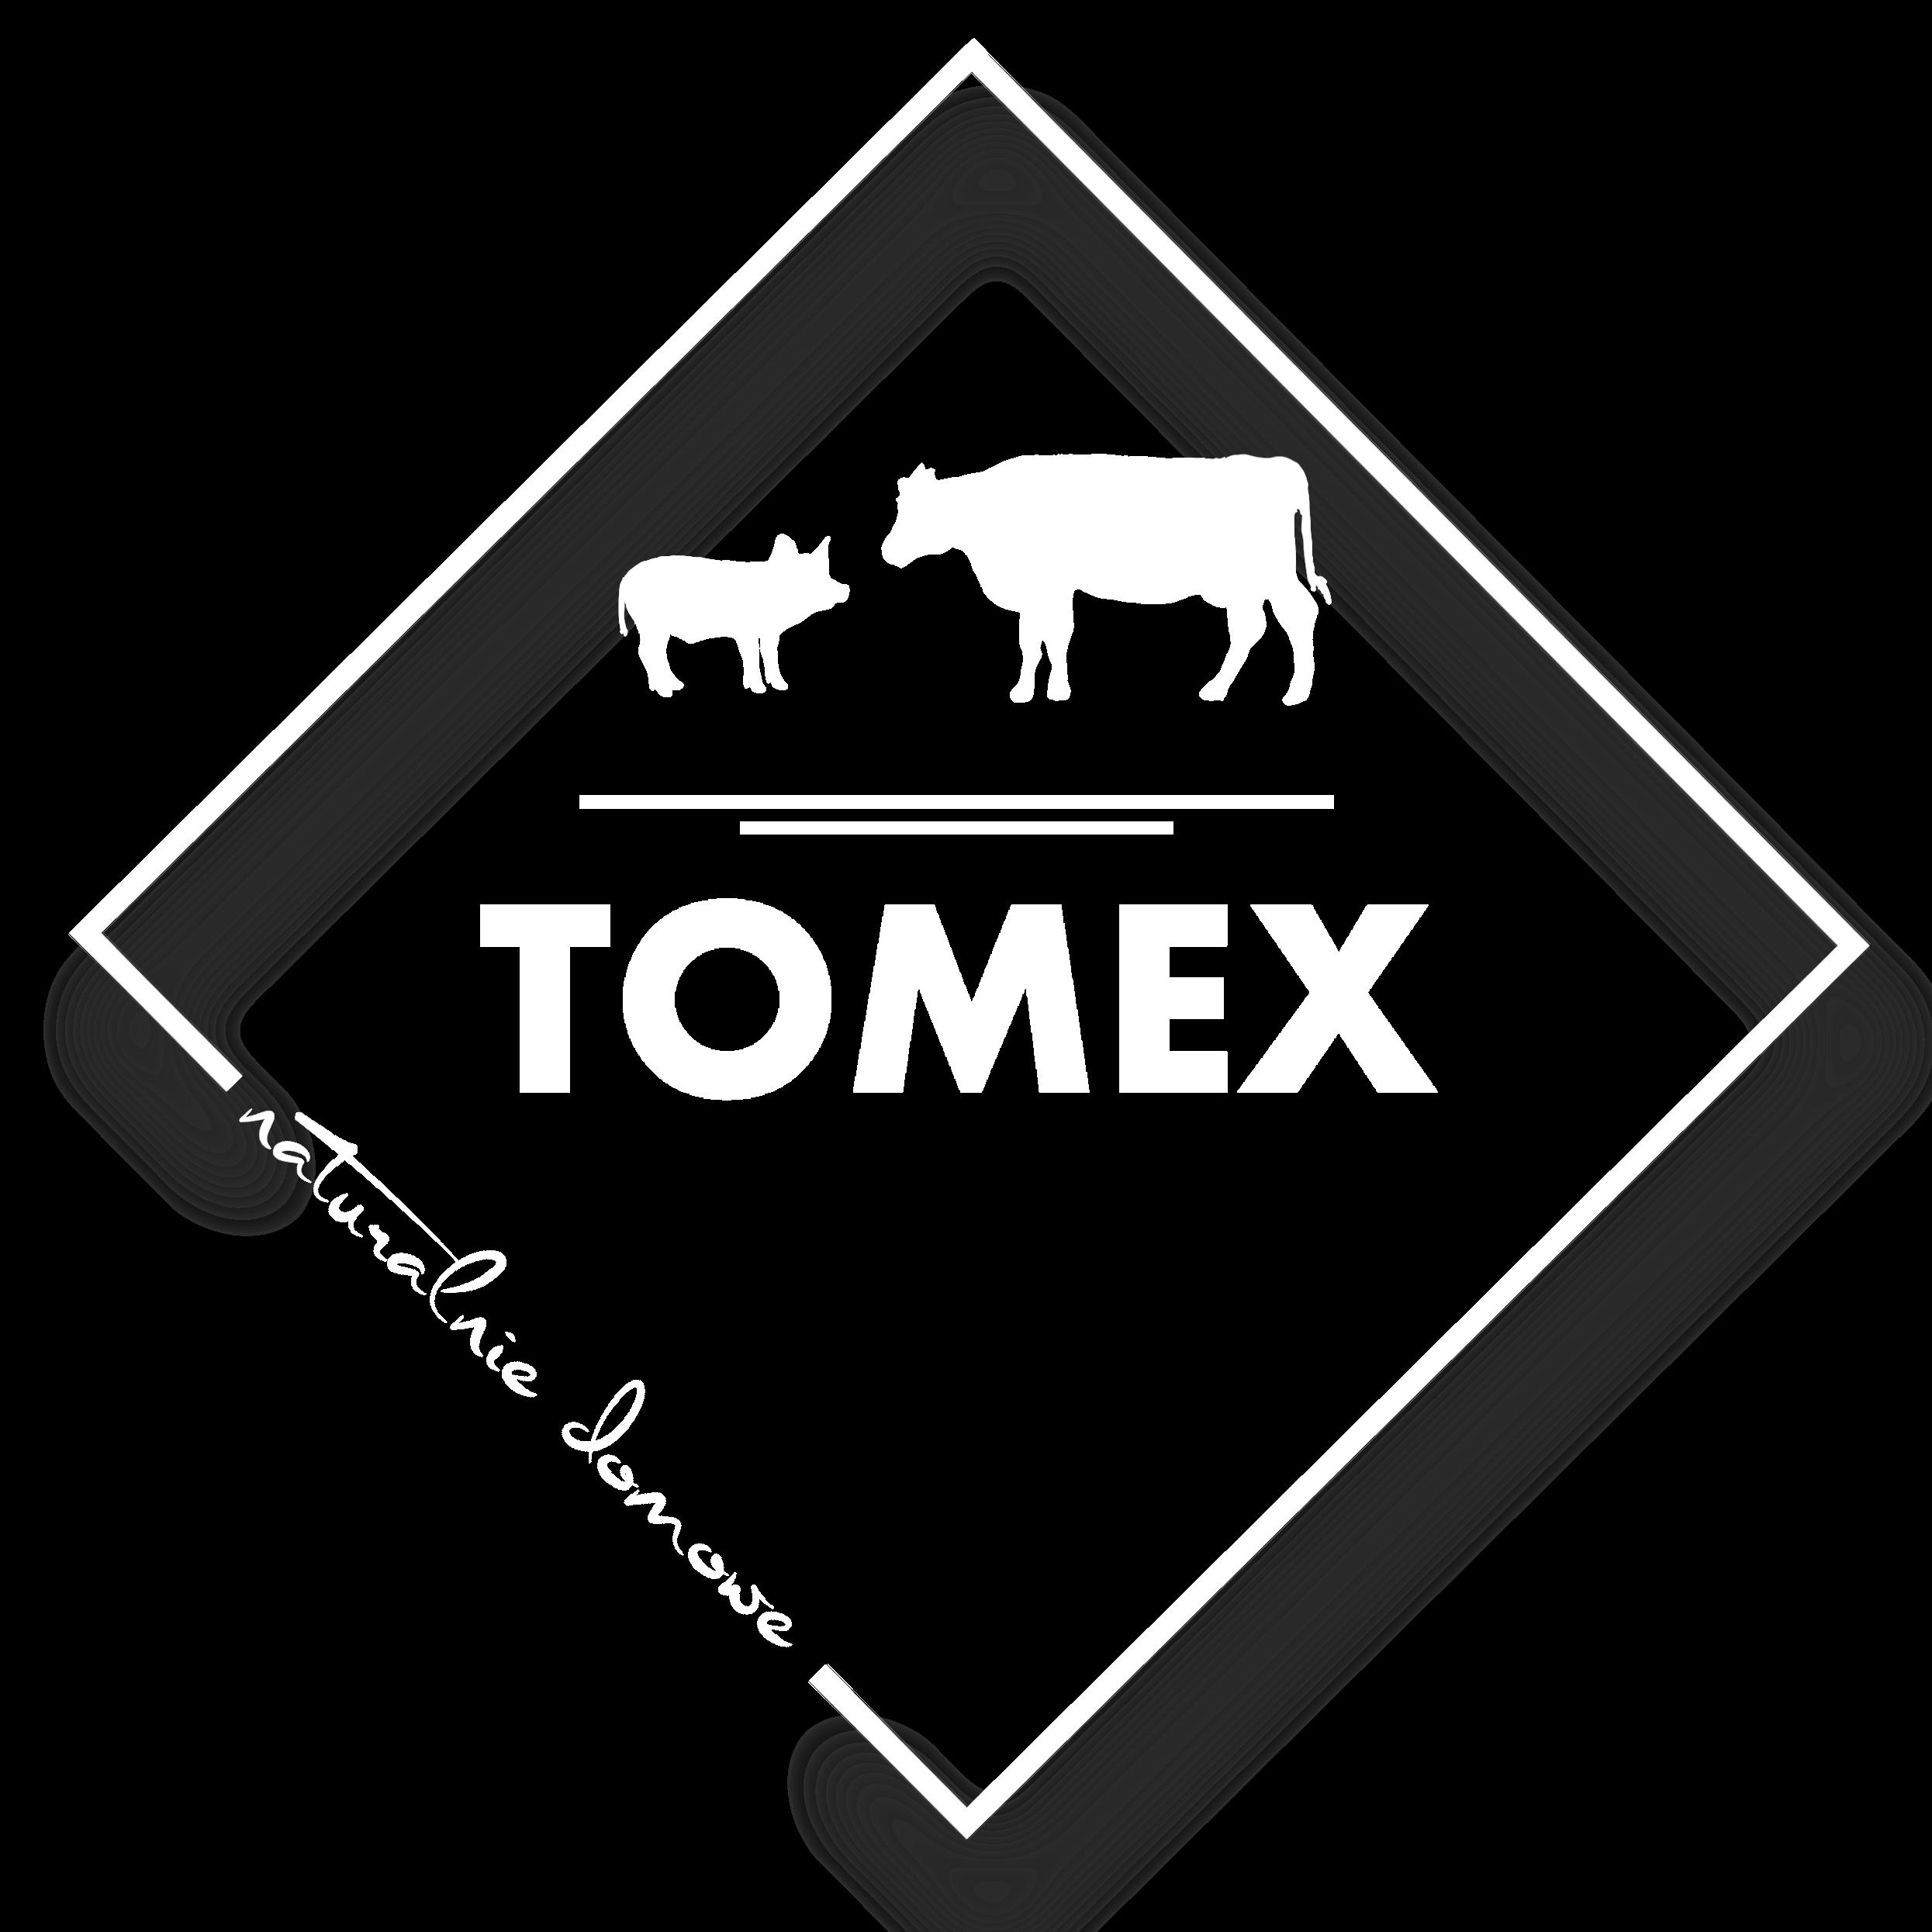 logo wyroby domowe